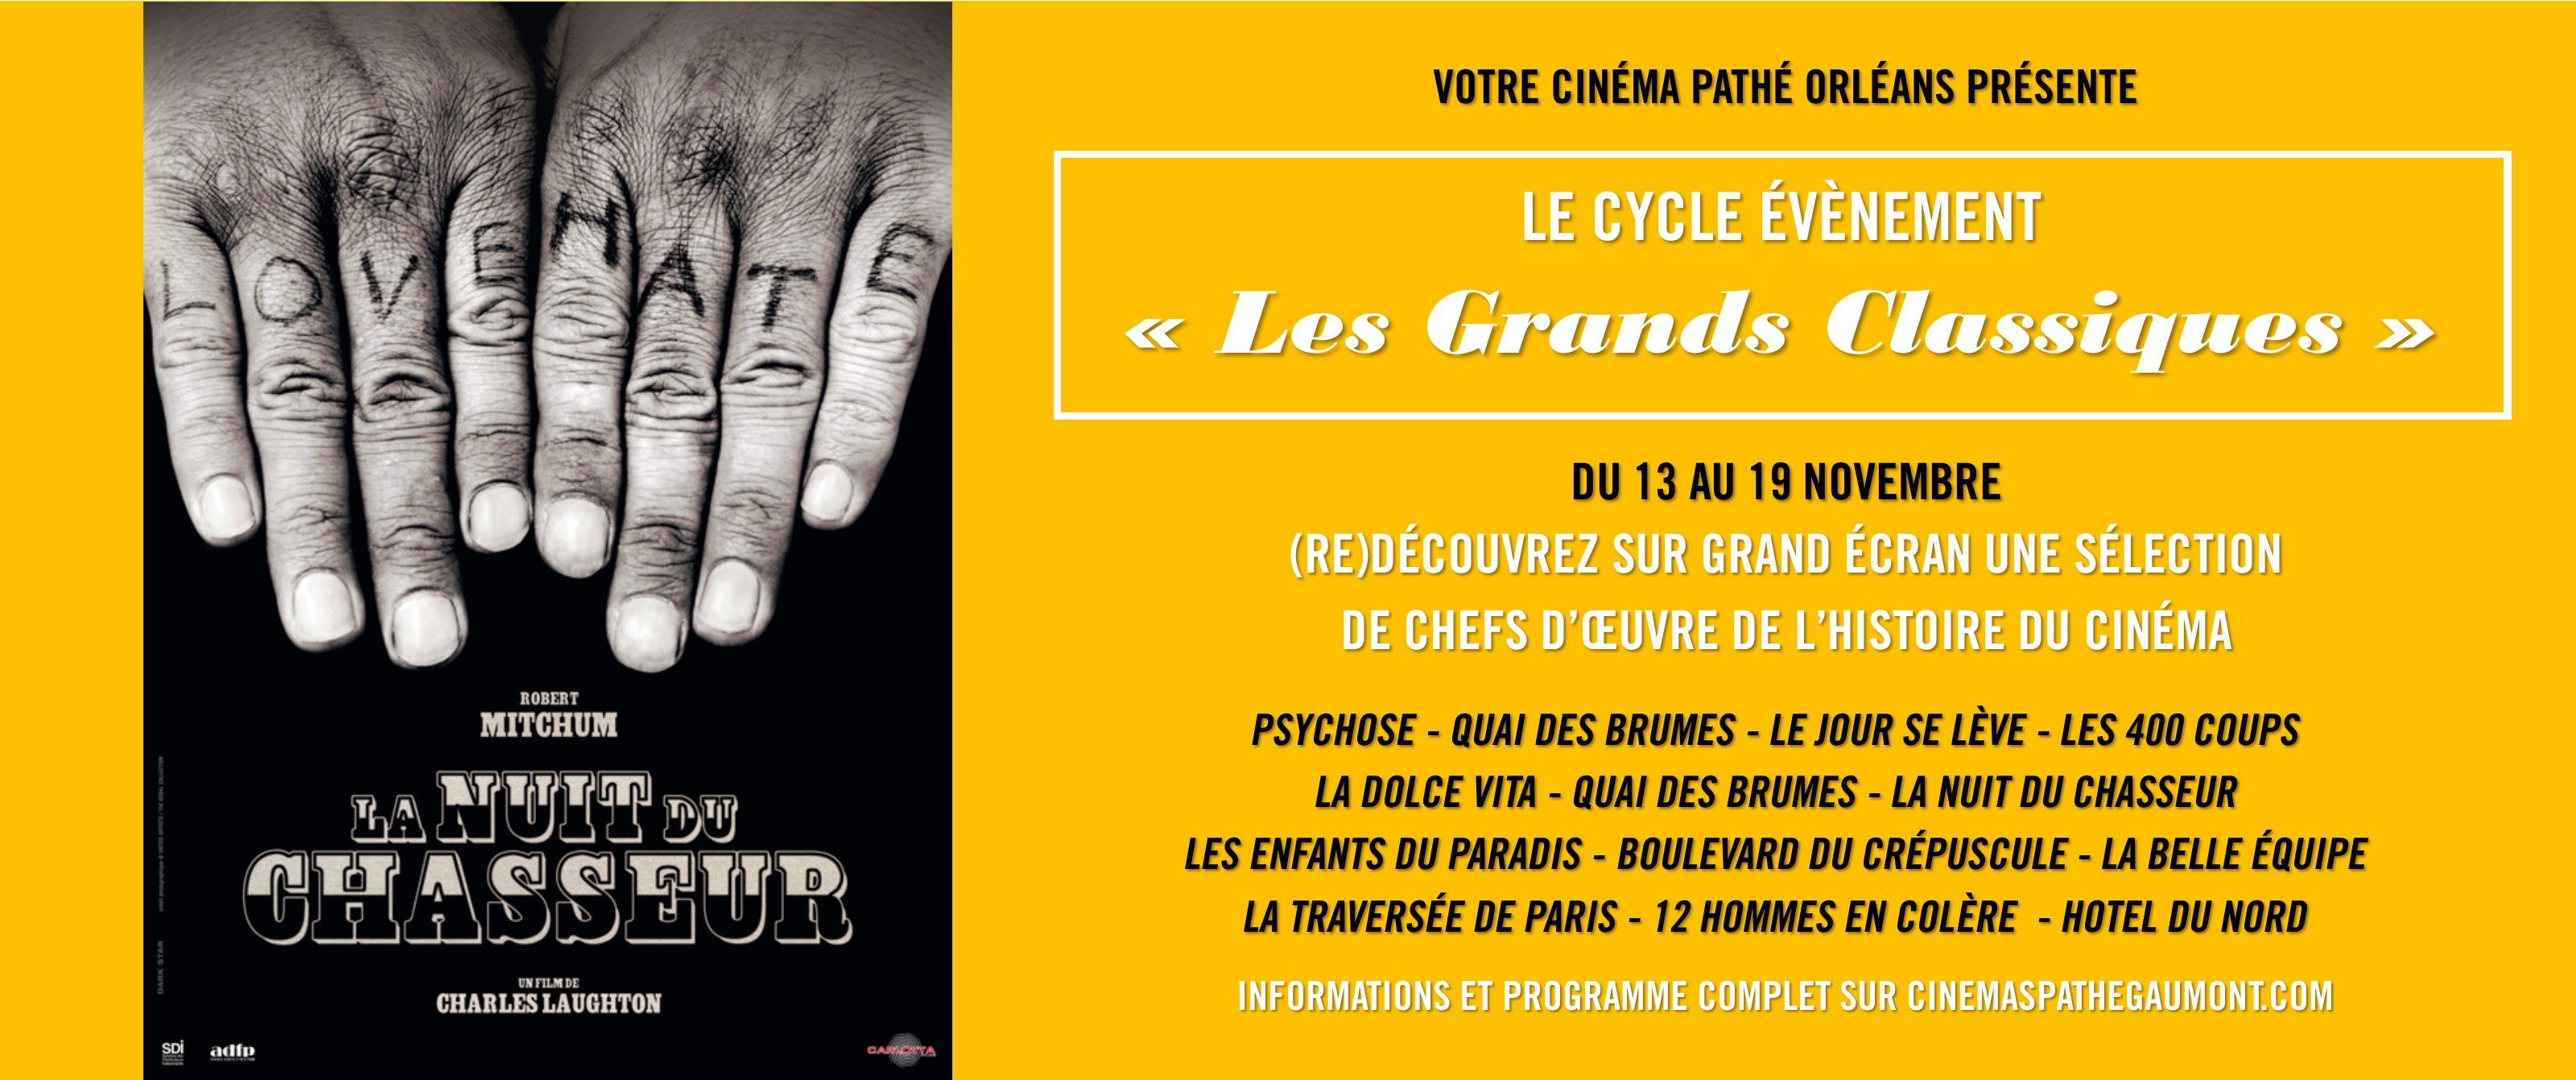 Orléans accueille le Festival de Cannes 1939  ! 2